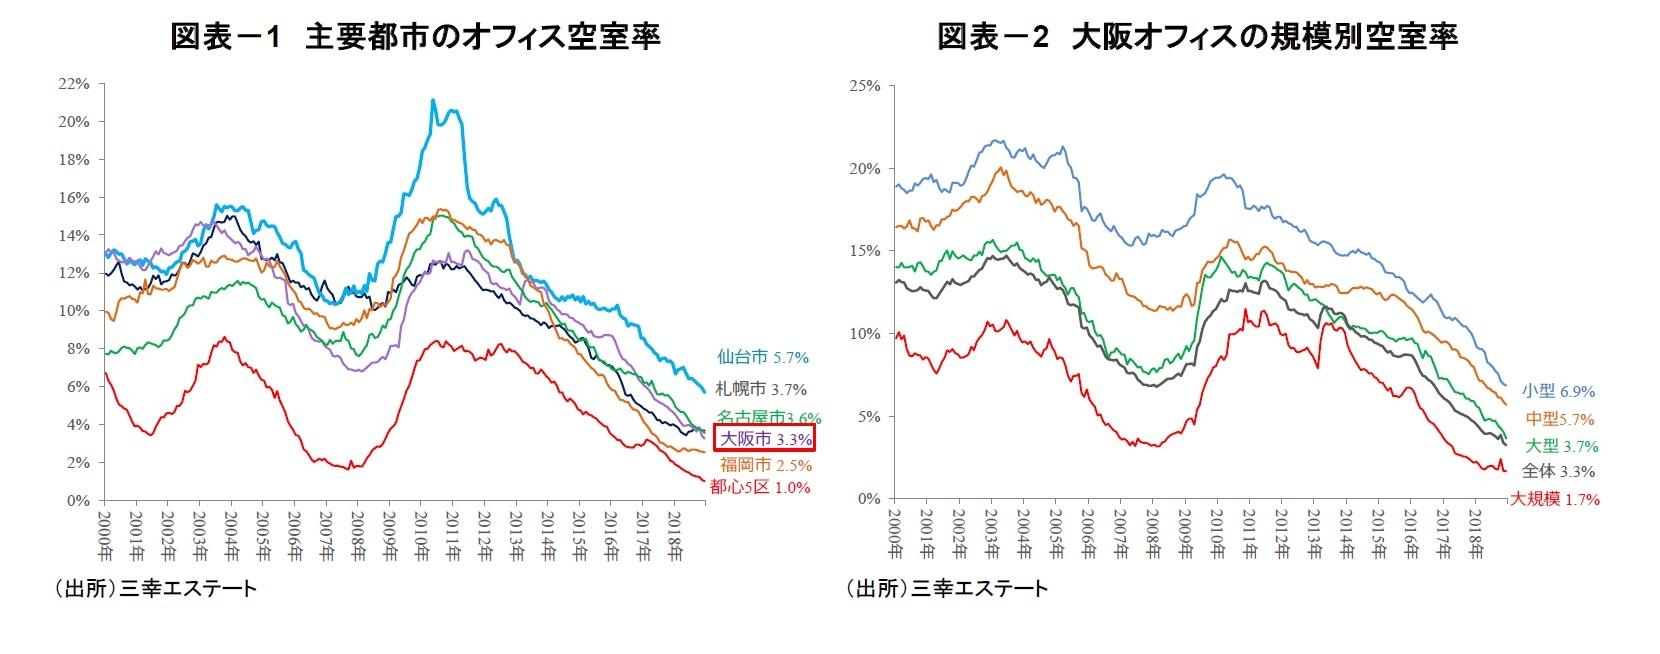 図表-1 主要都市のオフィス空室率/図表-2 大阪オフィスの規模別空室率